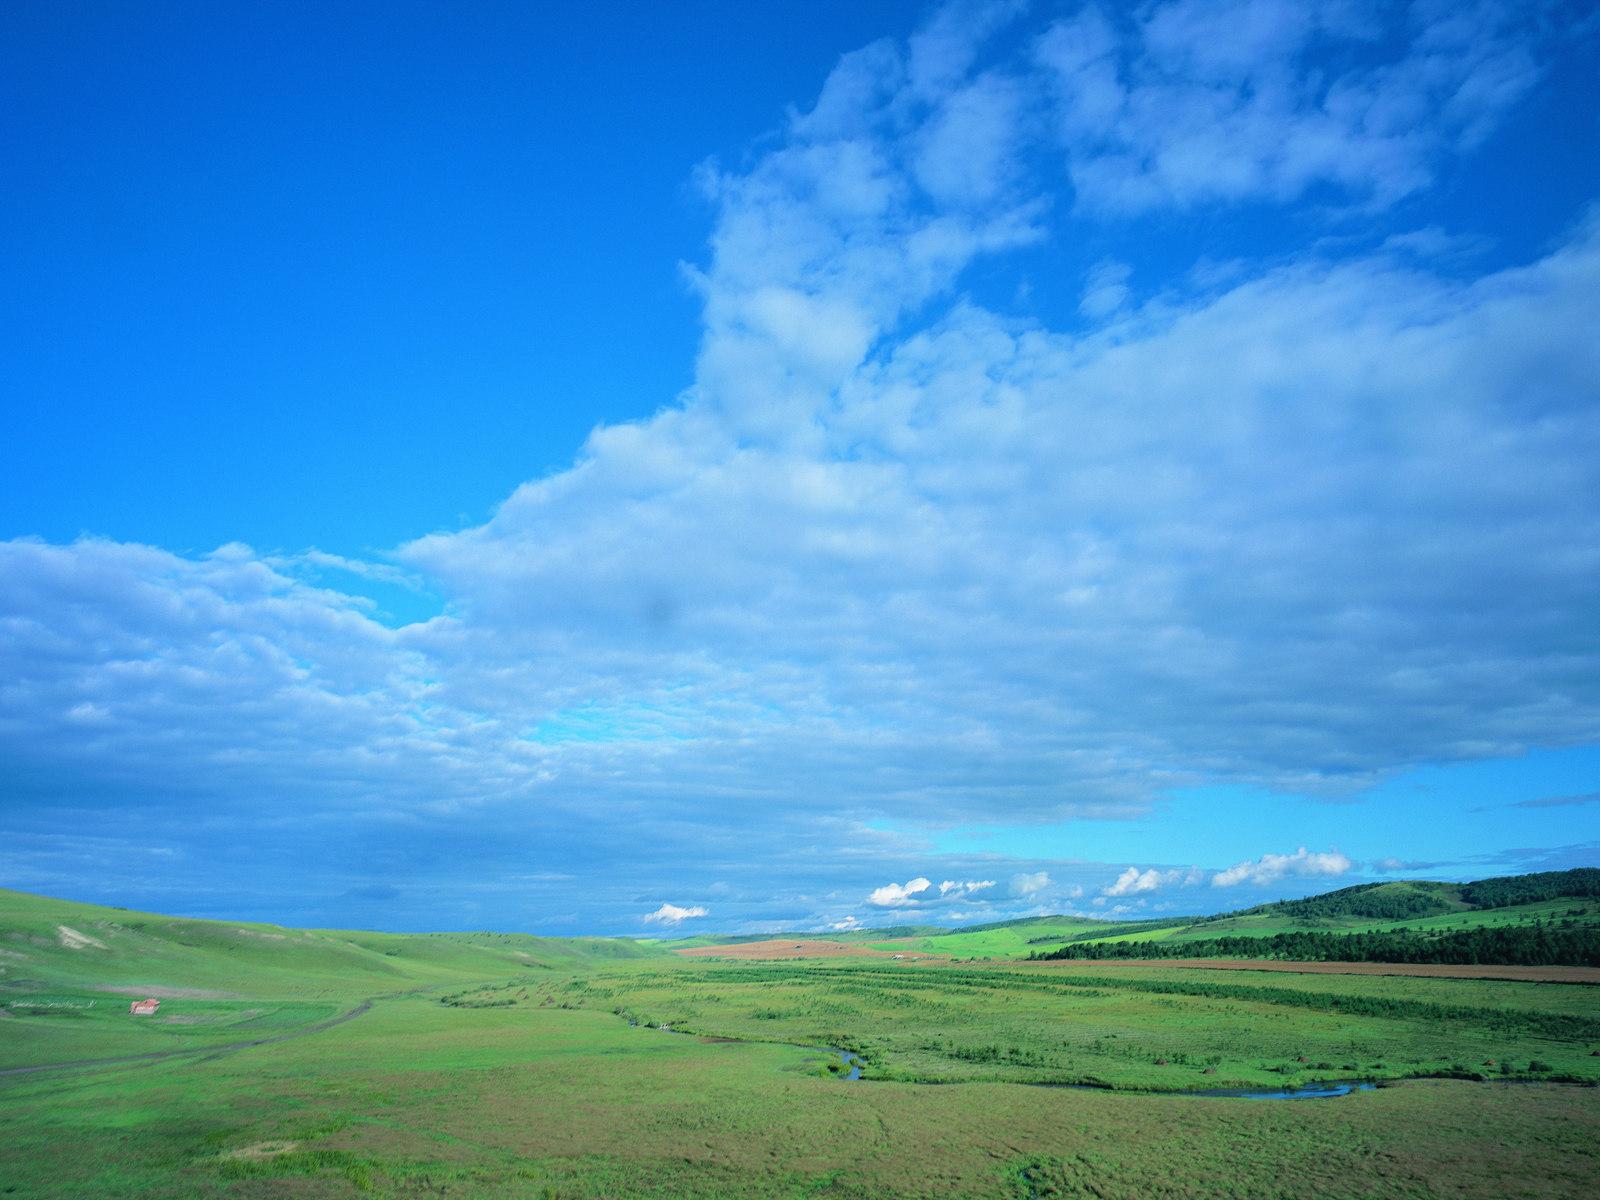 夏日茫茫草原绿 草地蓝天 白云 高清 图片素材 29